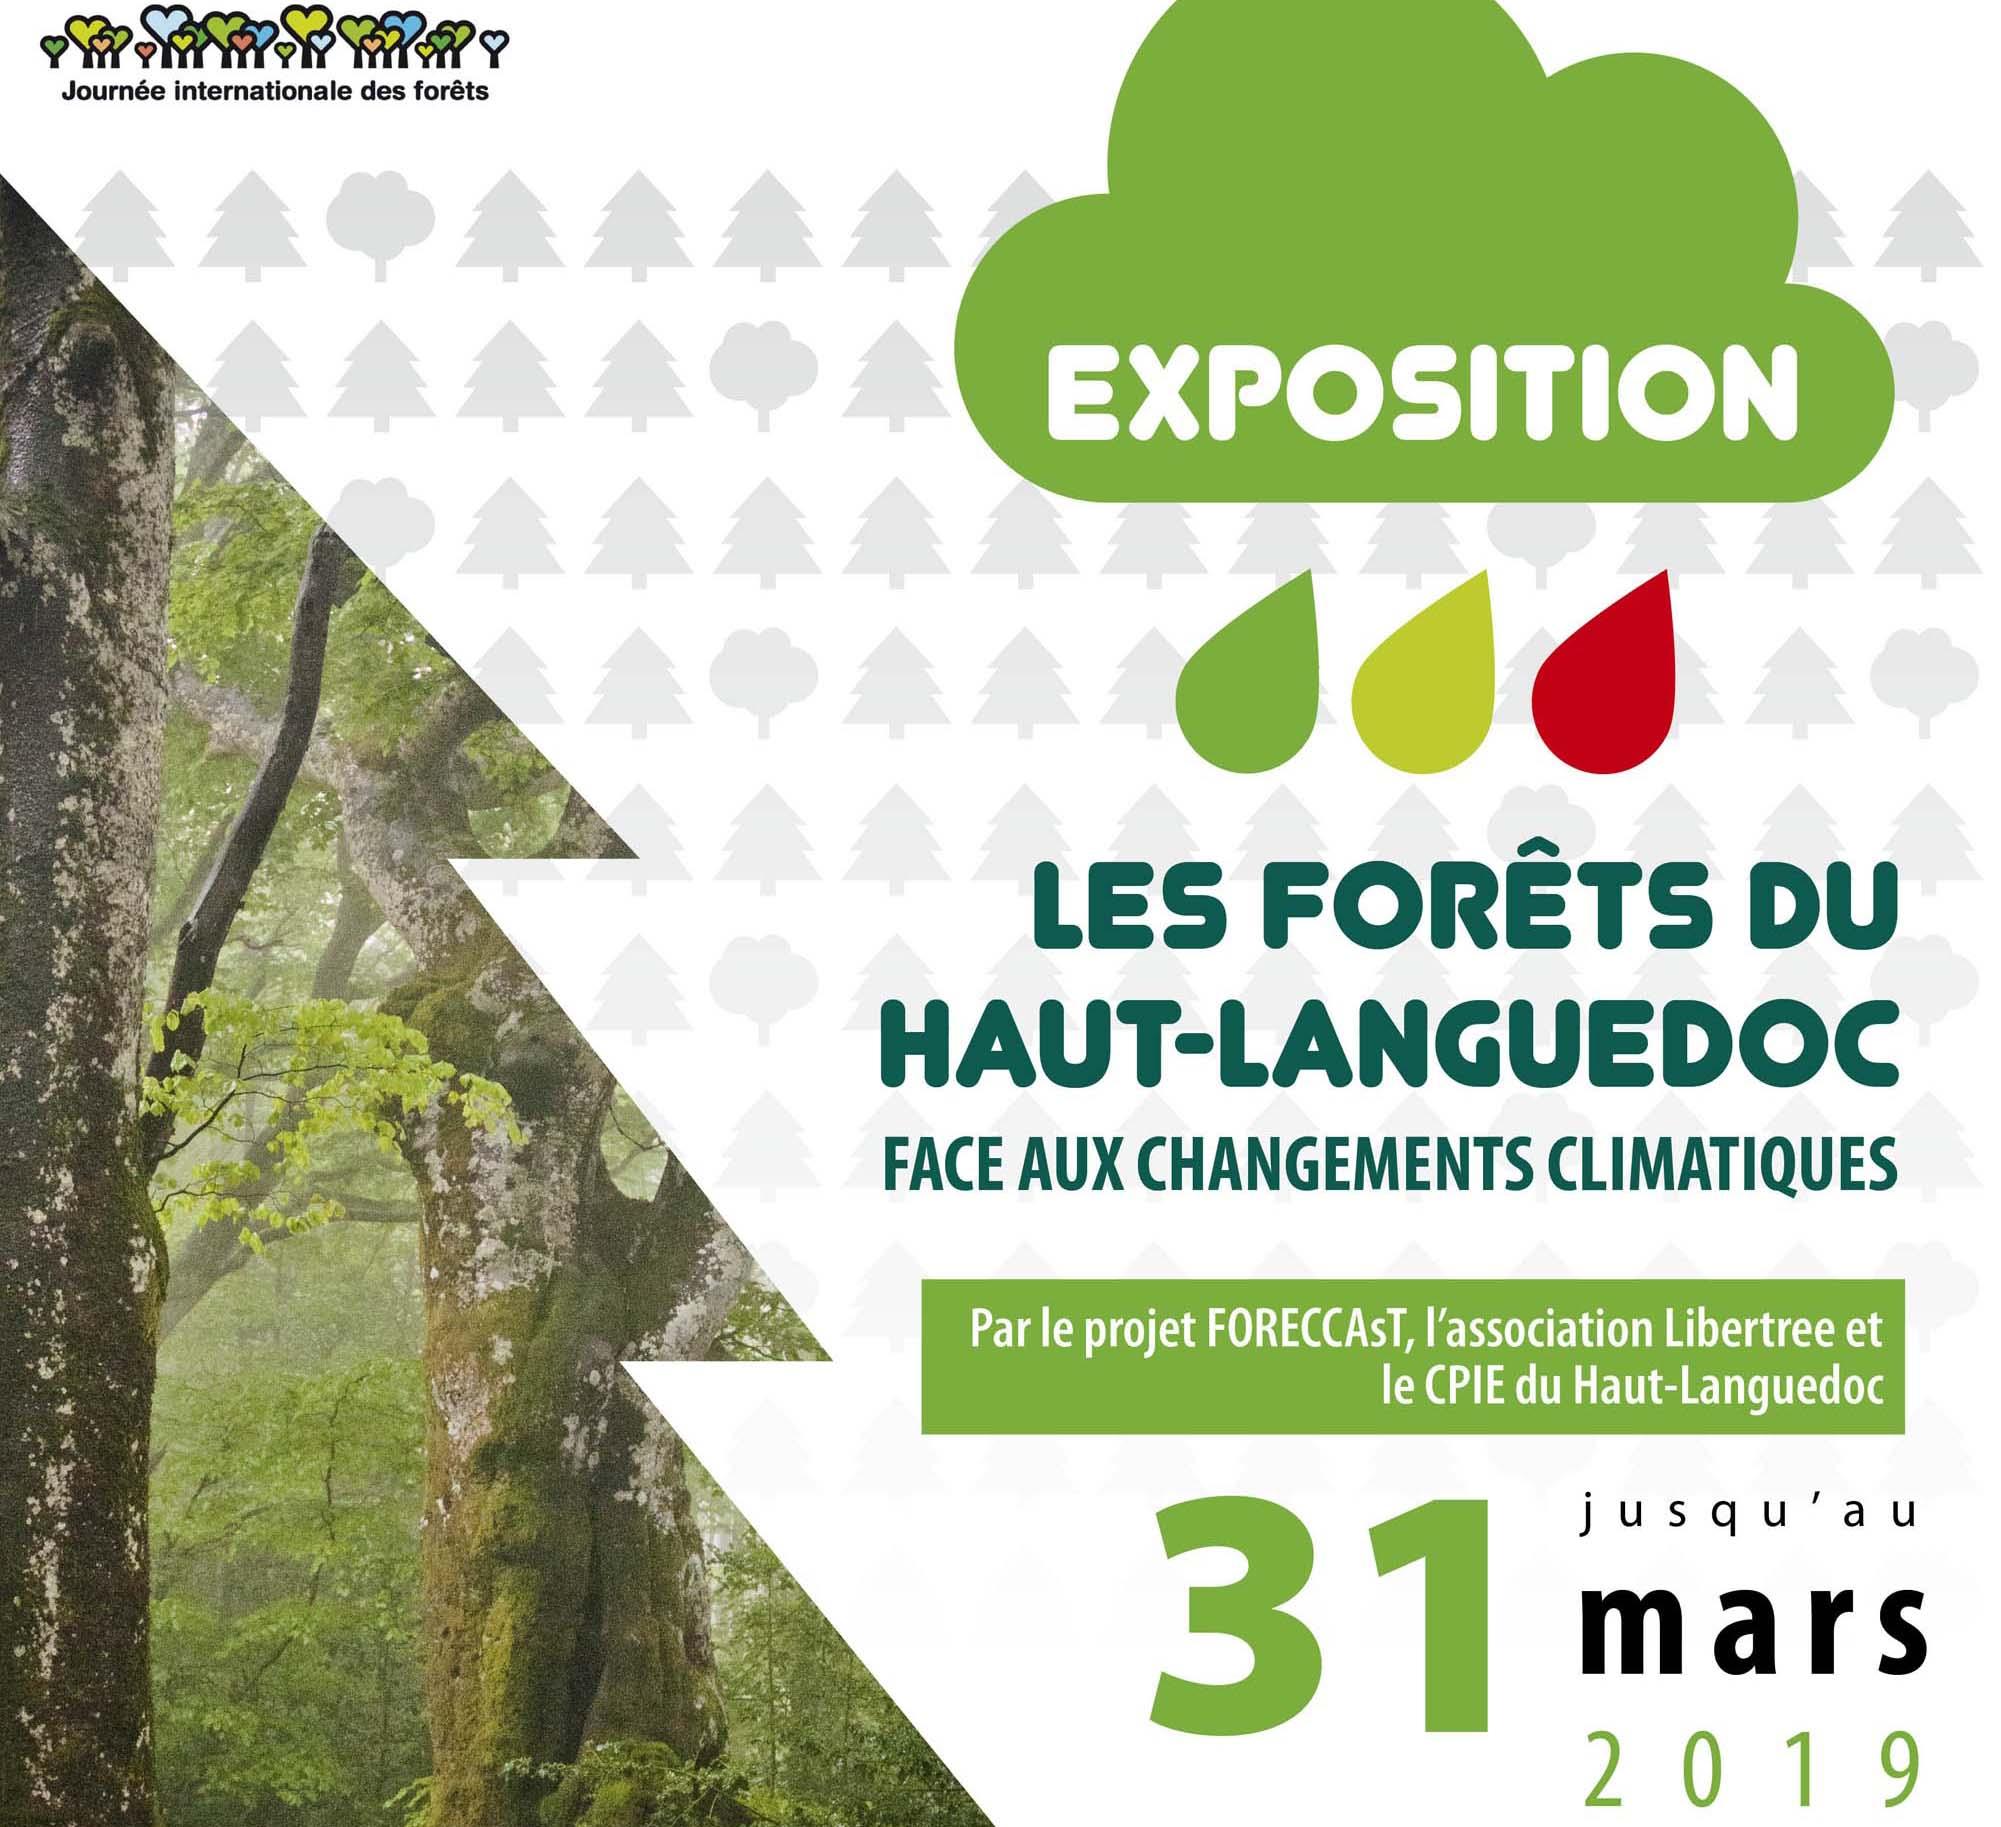 Vignette de l'Exposition Journée internationale des Forêts dans le Pnr Haut-Languedoc de l'Exposition Journée internationale des Forêts dans le Pnr Haut-Languedoc